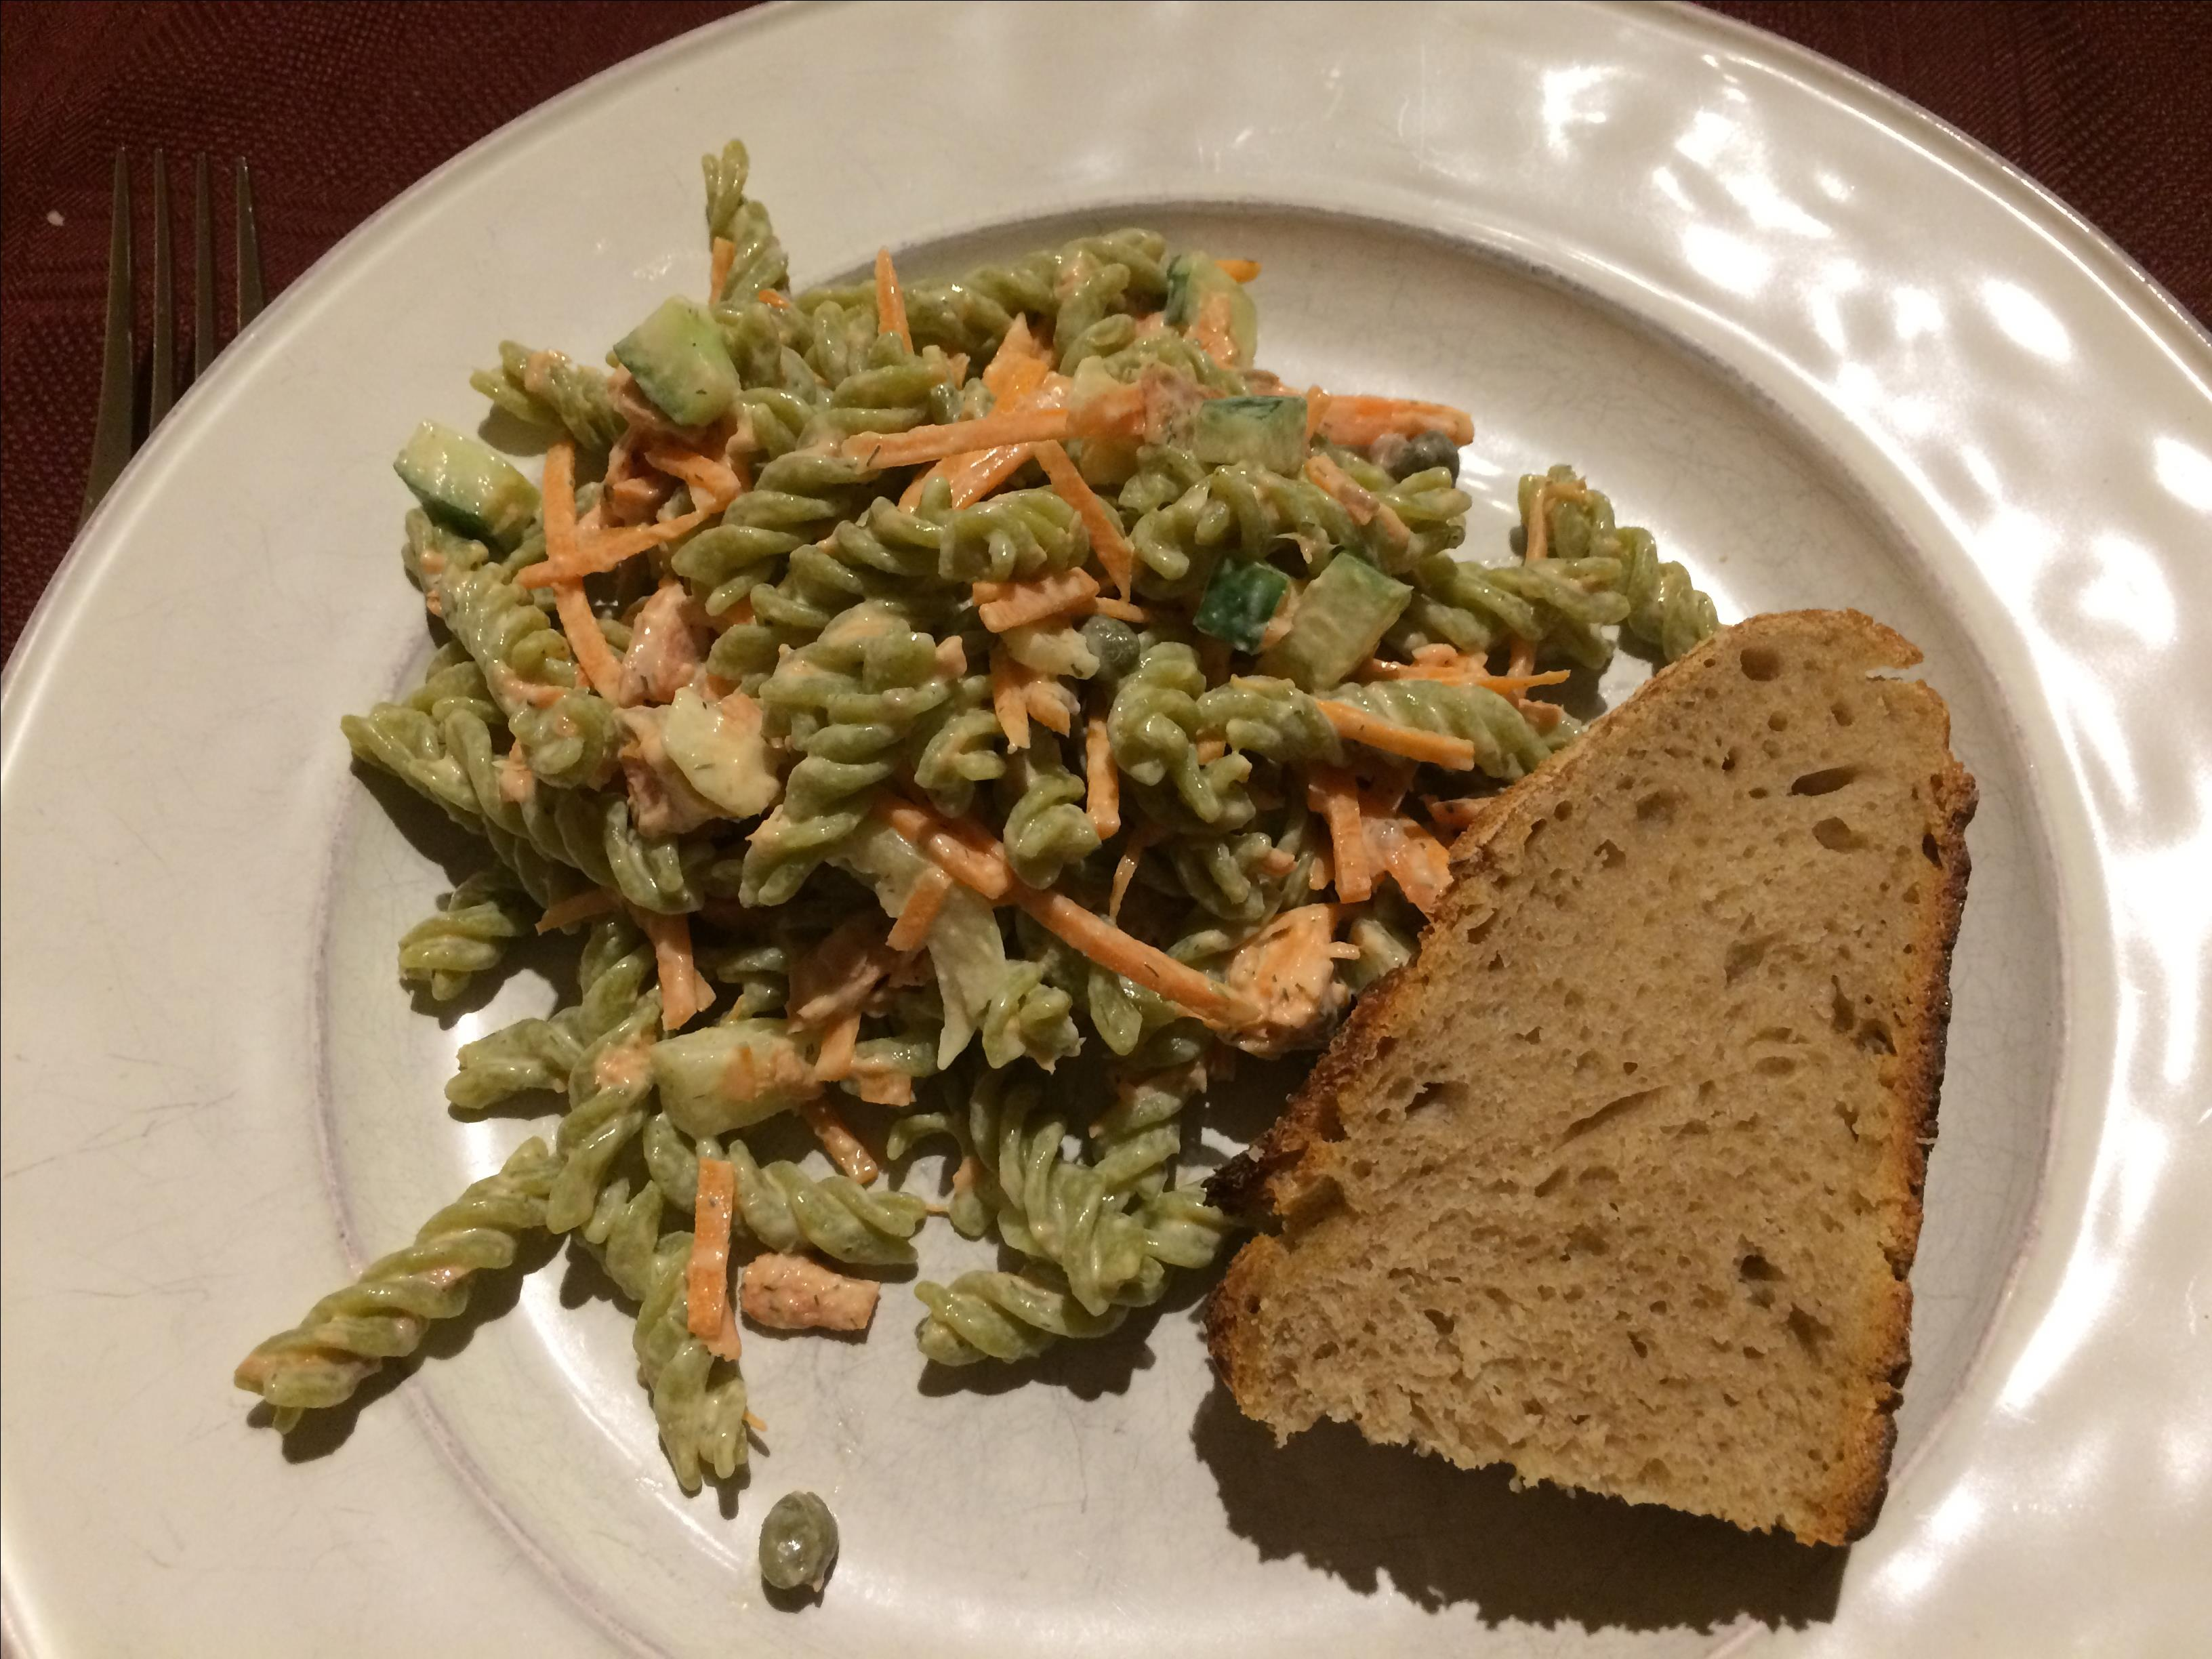 Smoked Salmon Pasta Salad